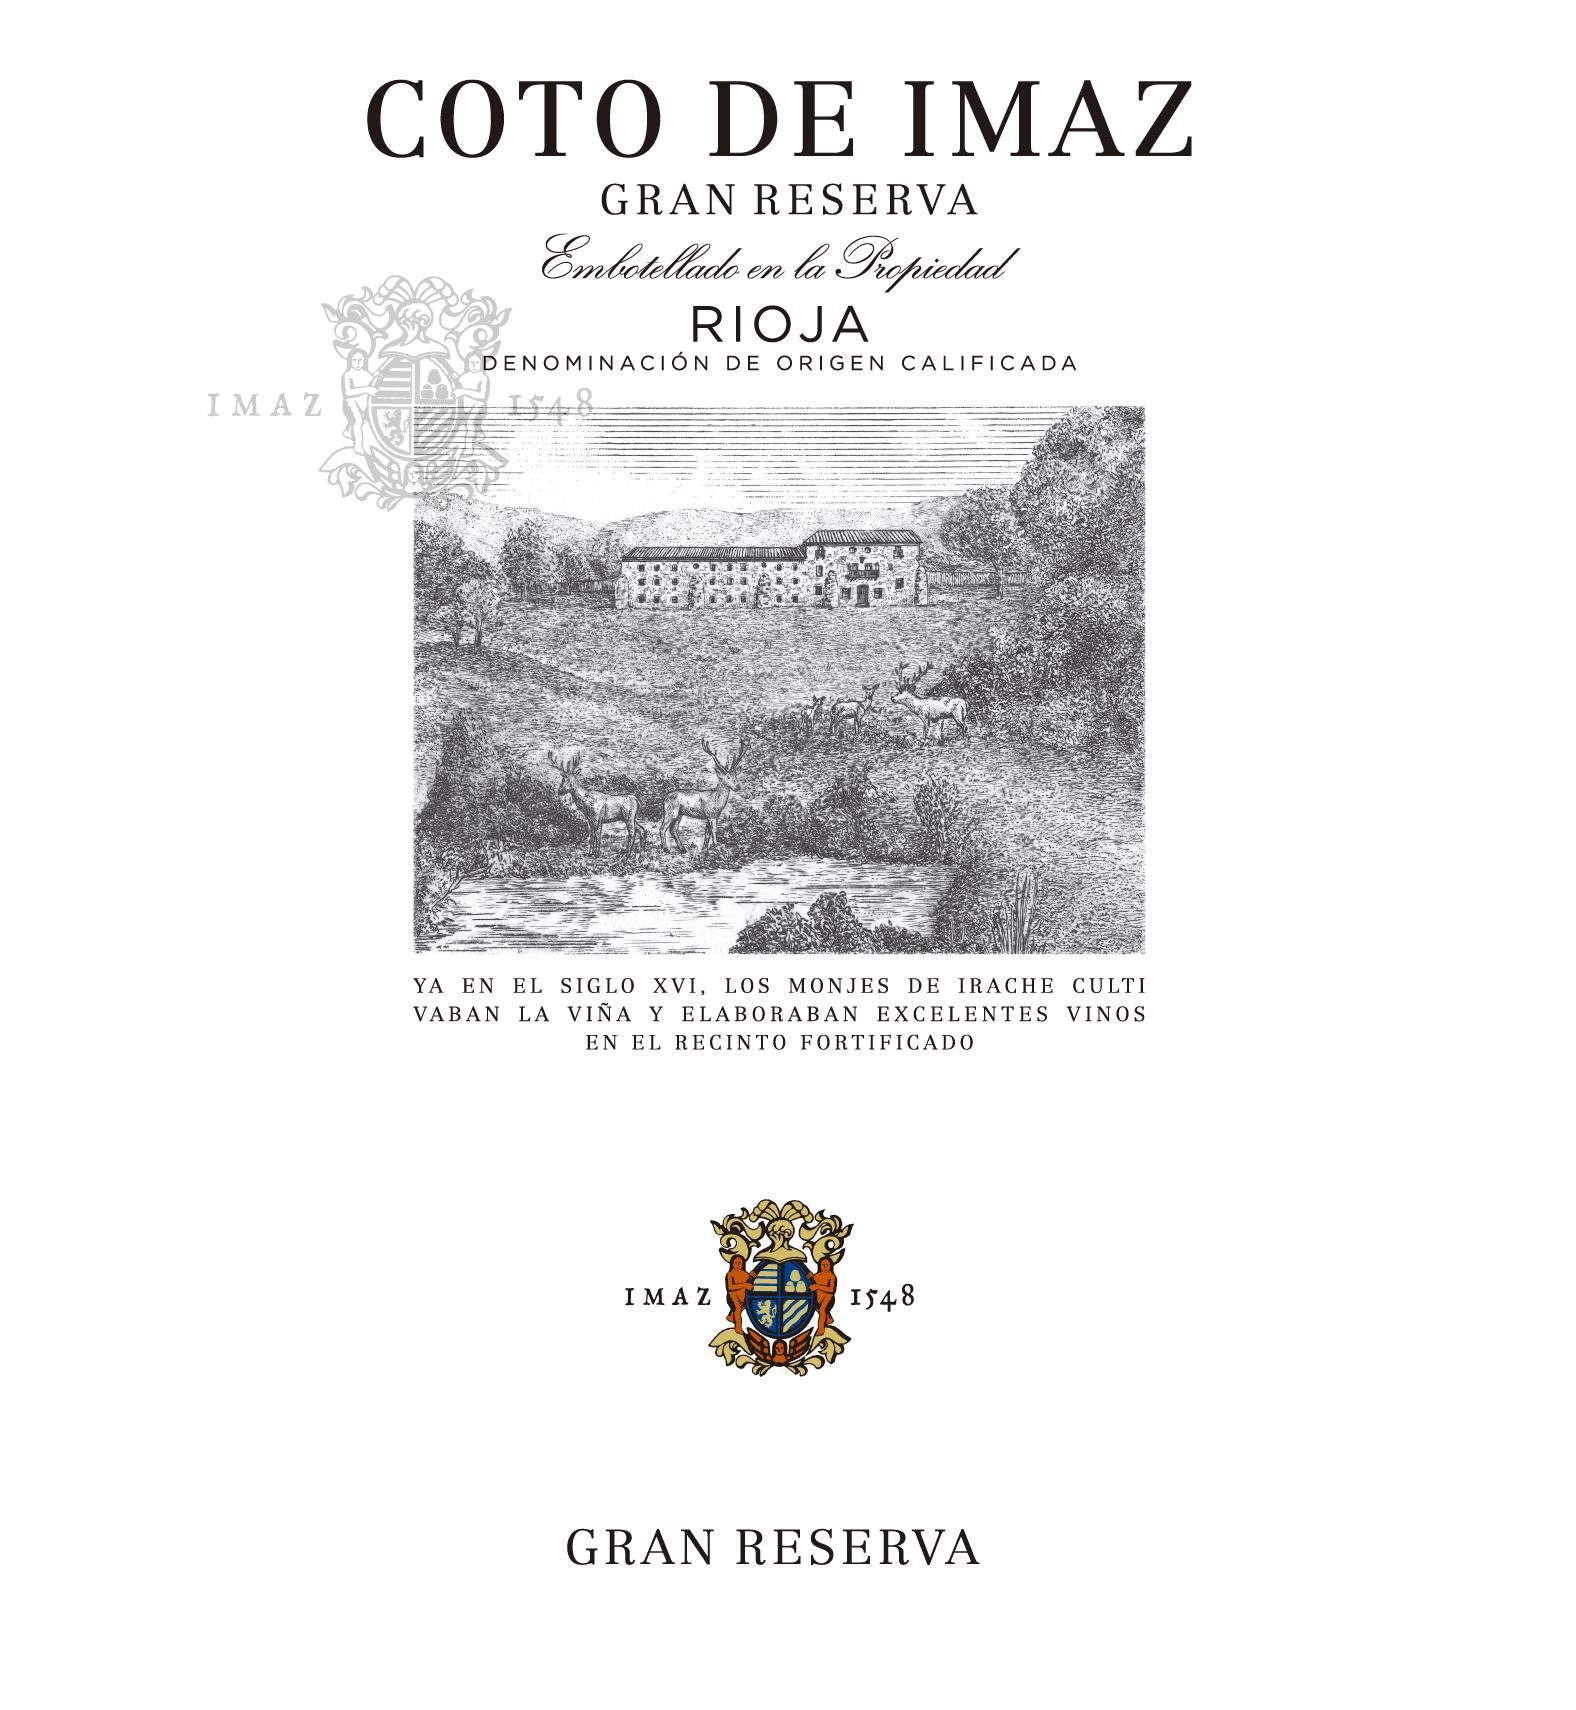 Coto De Imaz Gran Reserva